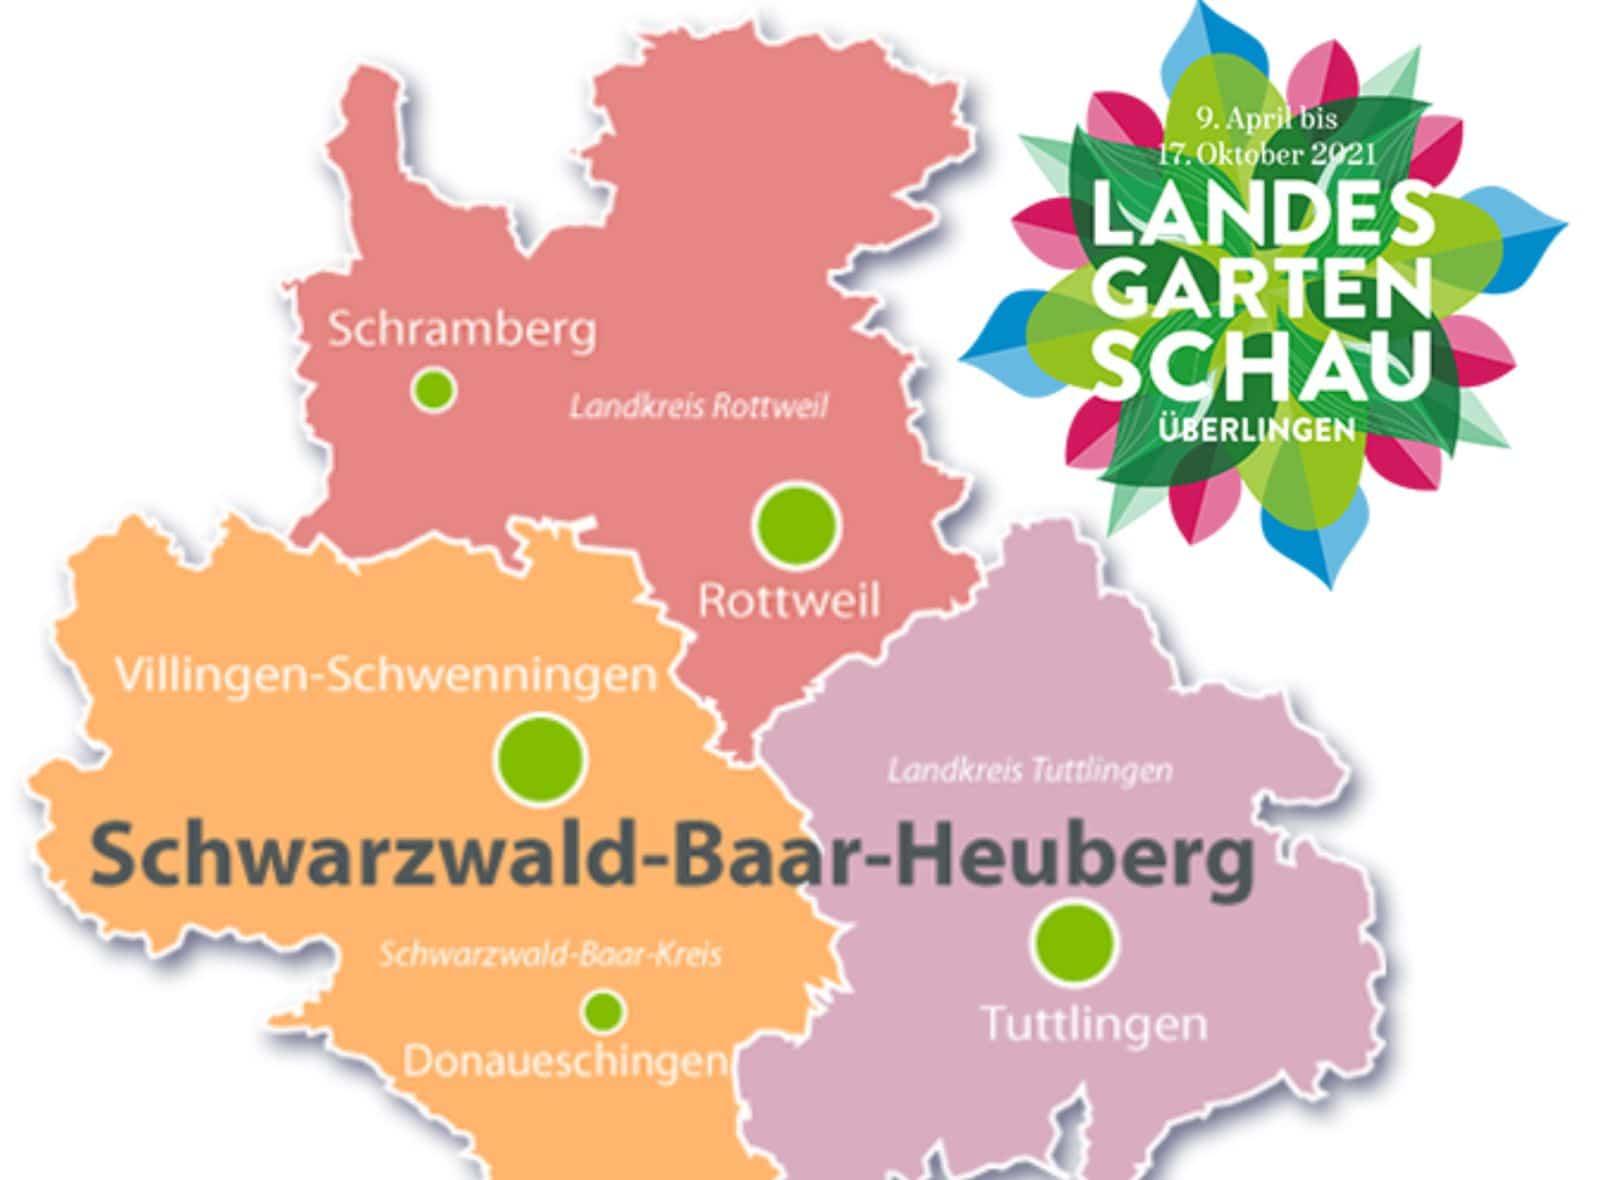 Die Region Schwarzwald-Baar-Heuberg wird auf der Landesgartenschau in Überlingen repräsentiert durch die Musikschulen und Musikhochschule der Region 8 und der Wirtschaftsförderung SBH. Grafik: pm